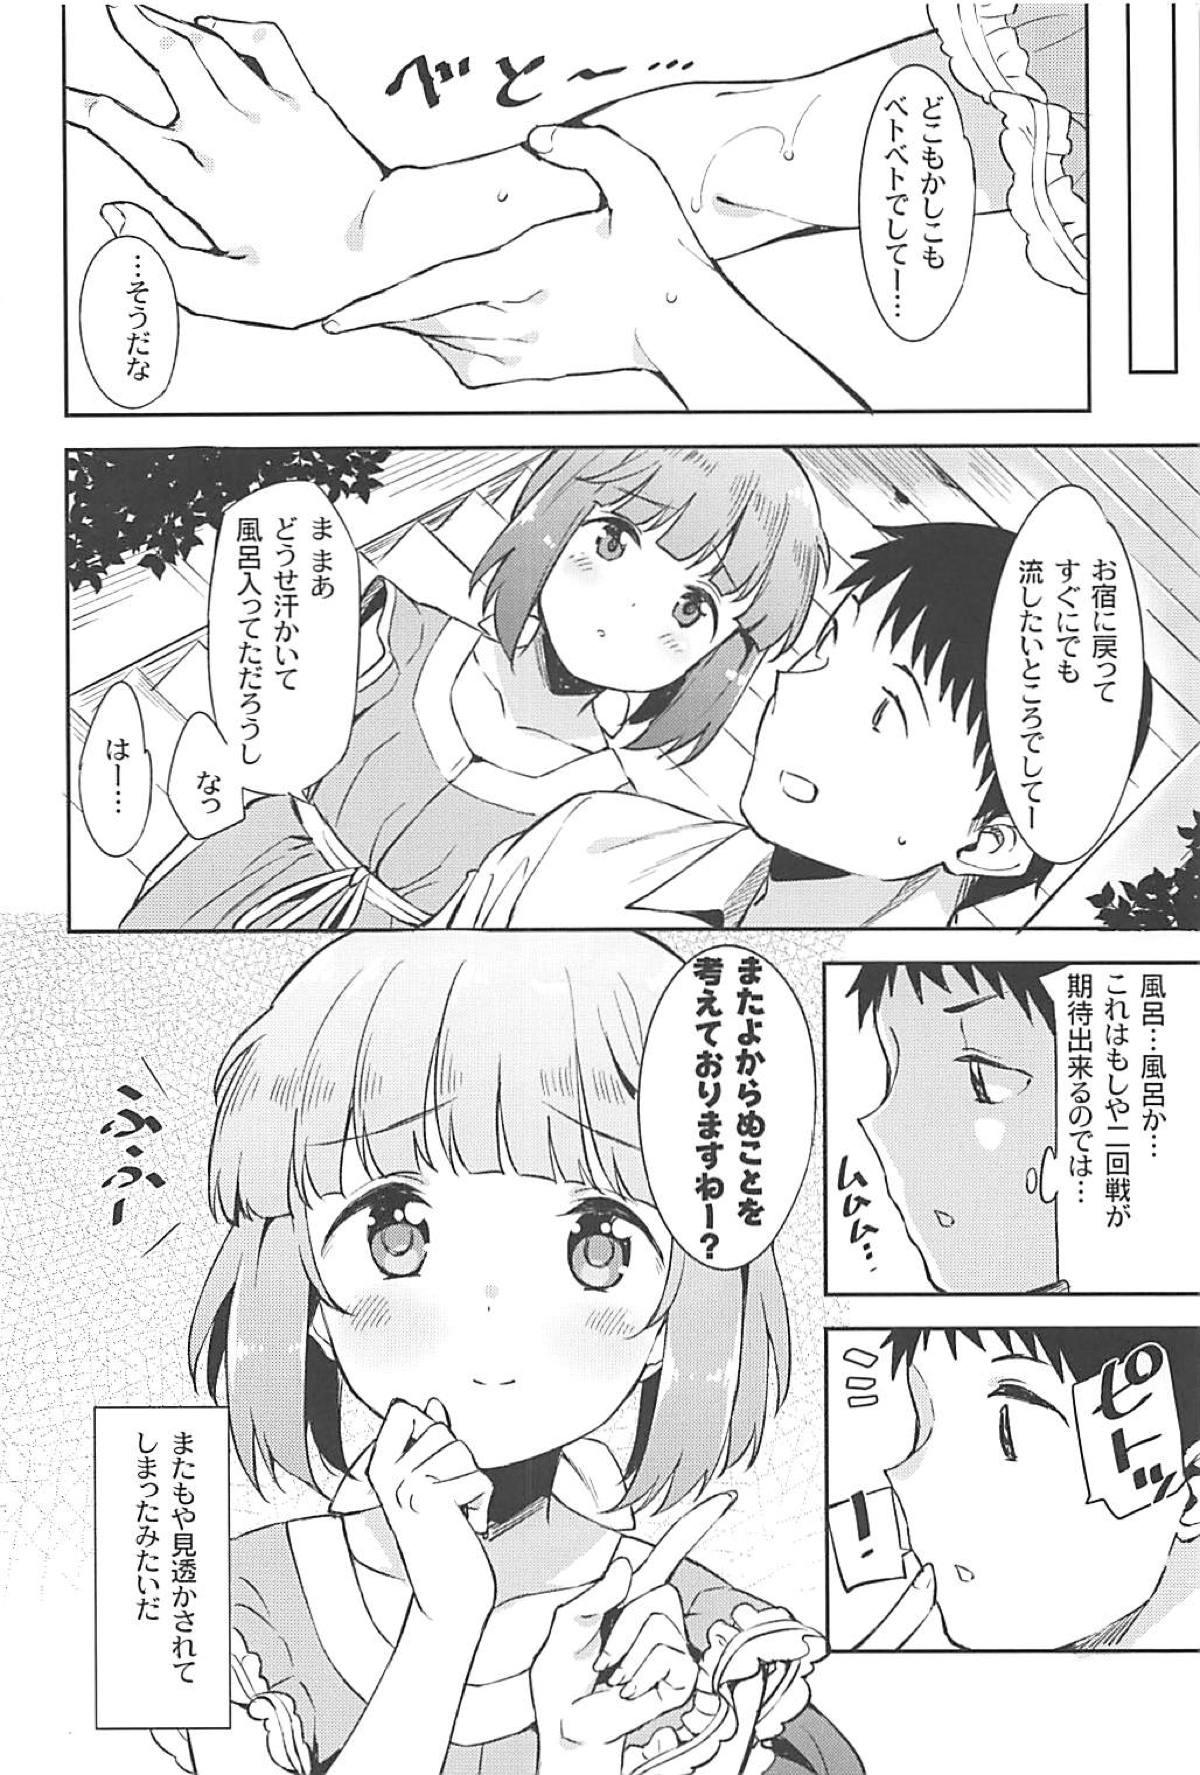 Yorita Yoshino to Yashiro no Hikage de 22